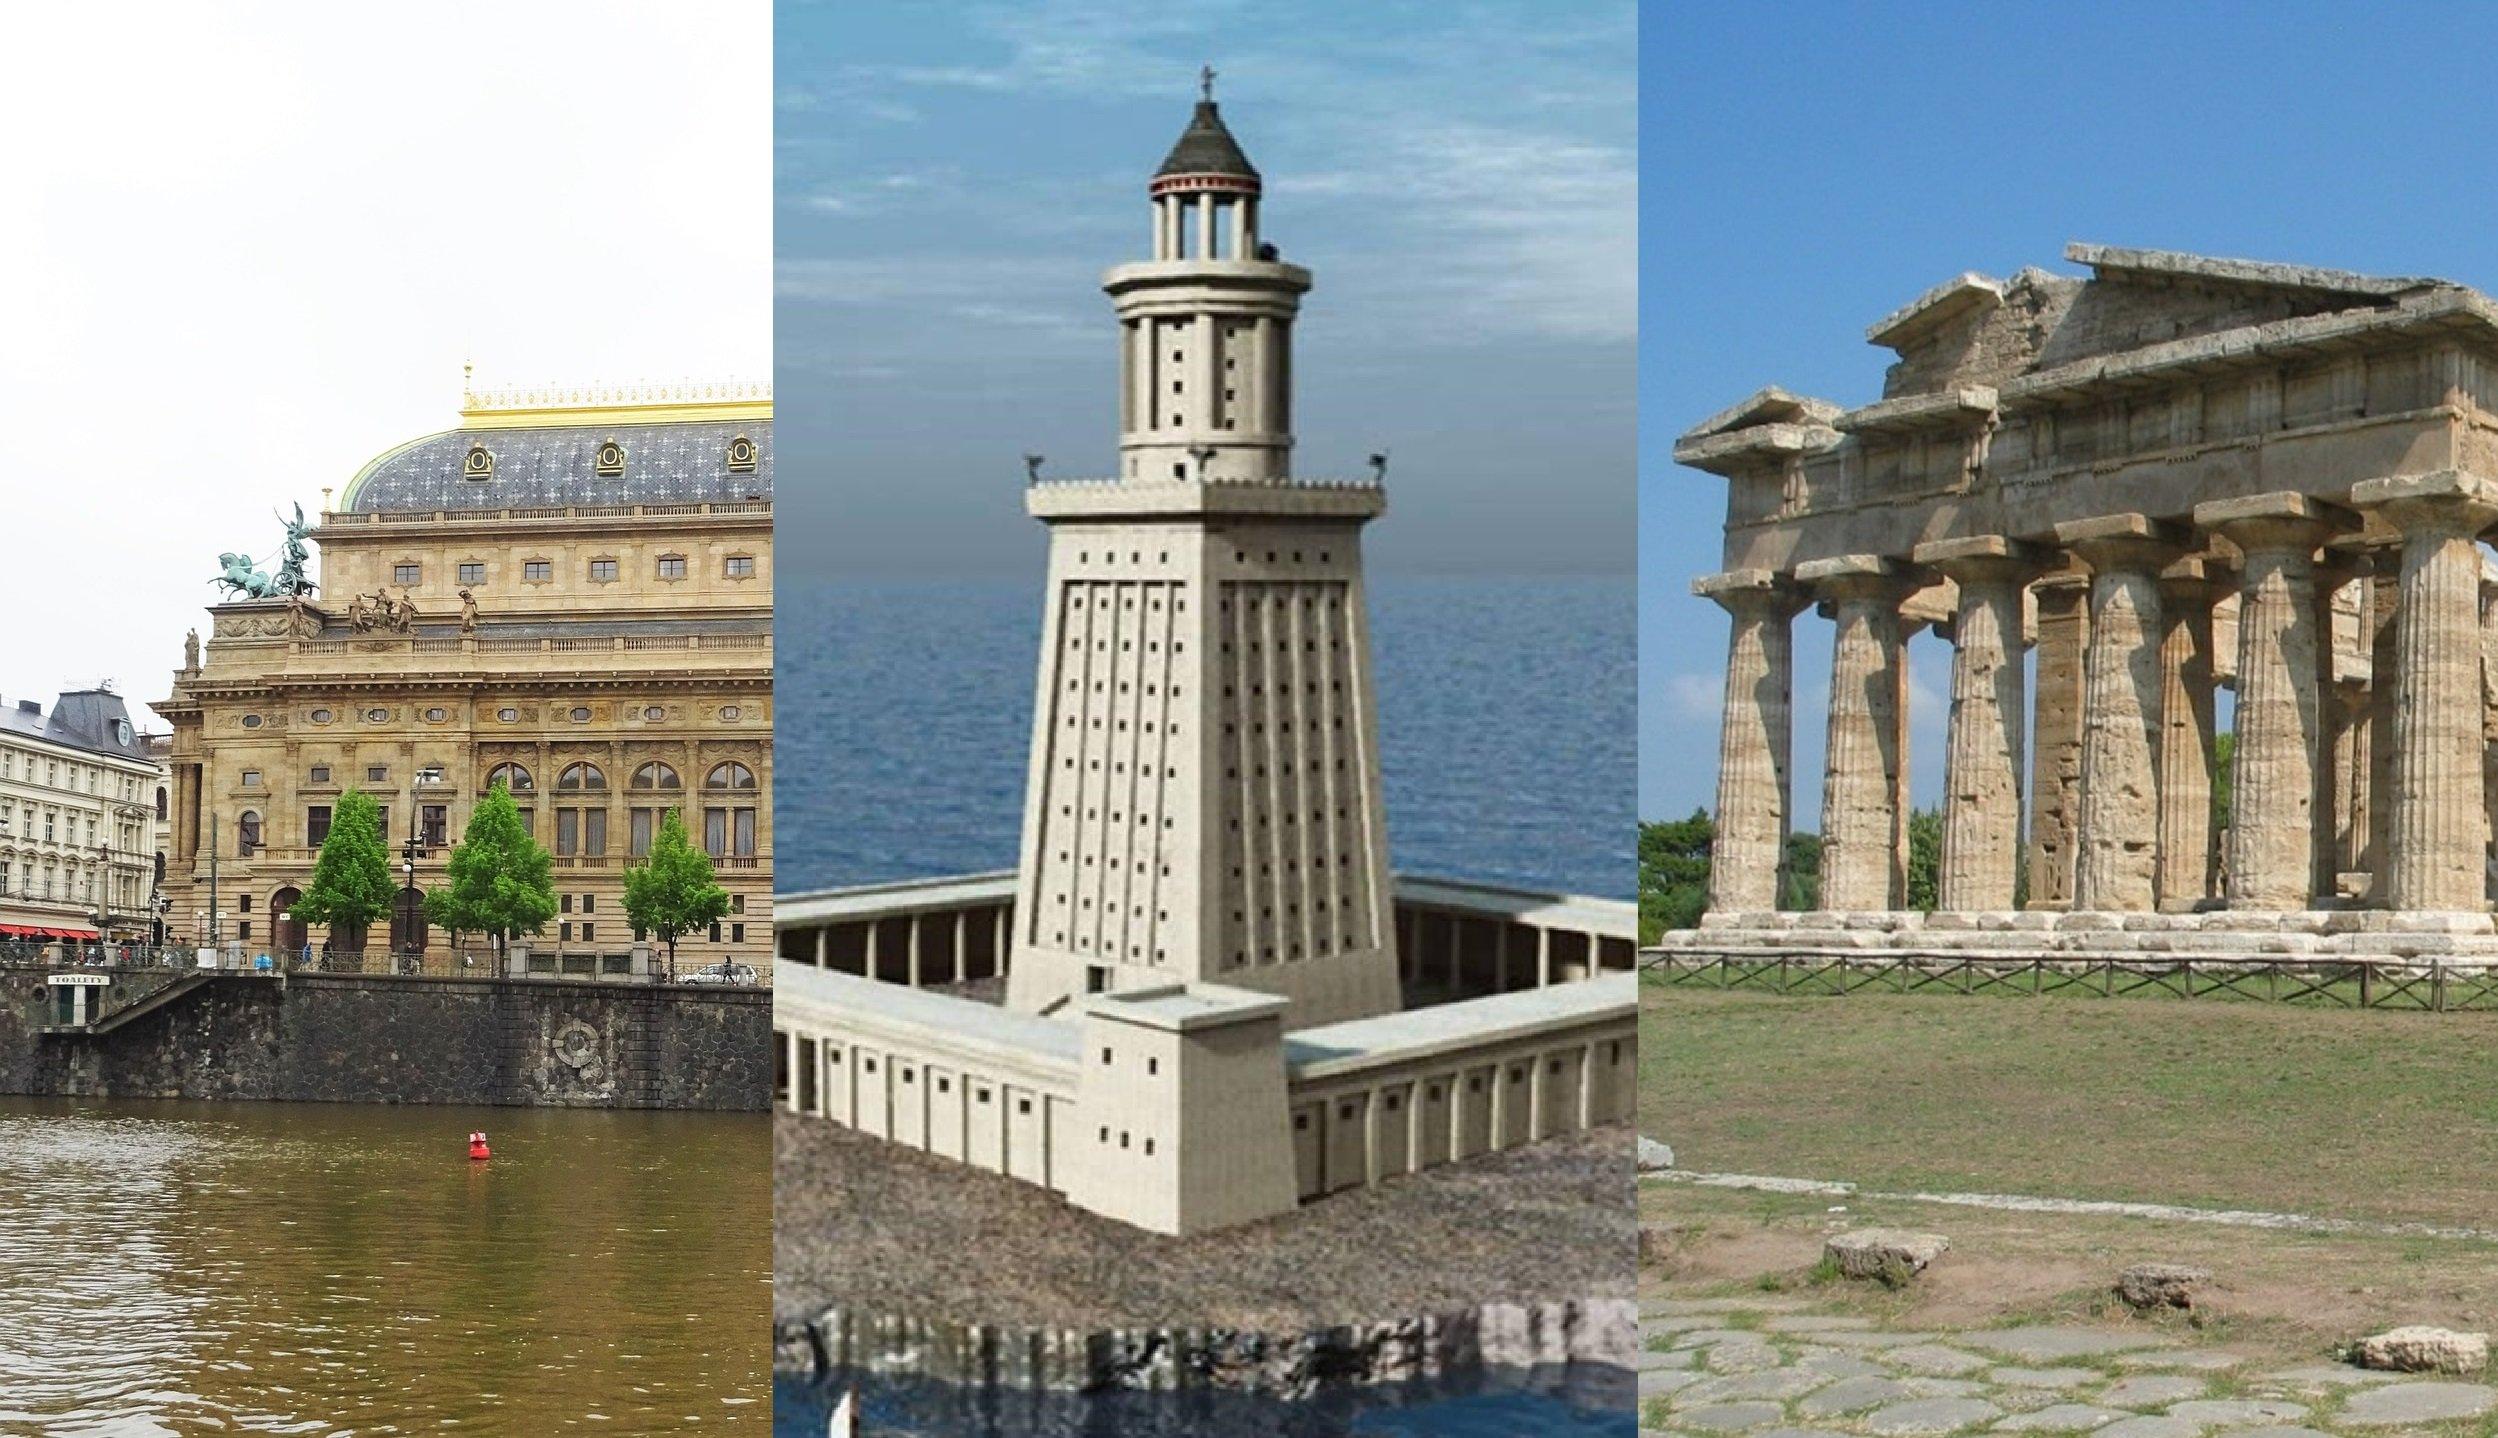 Jaké další světoznámé stavby podlehly zkáze